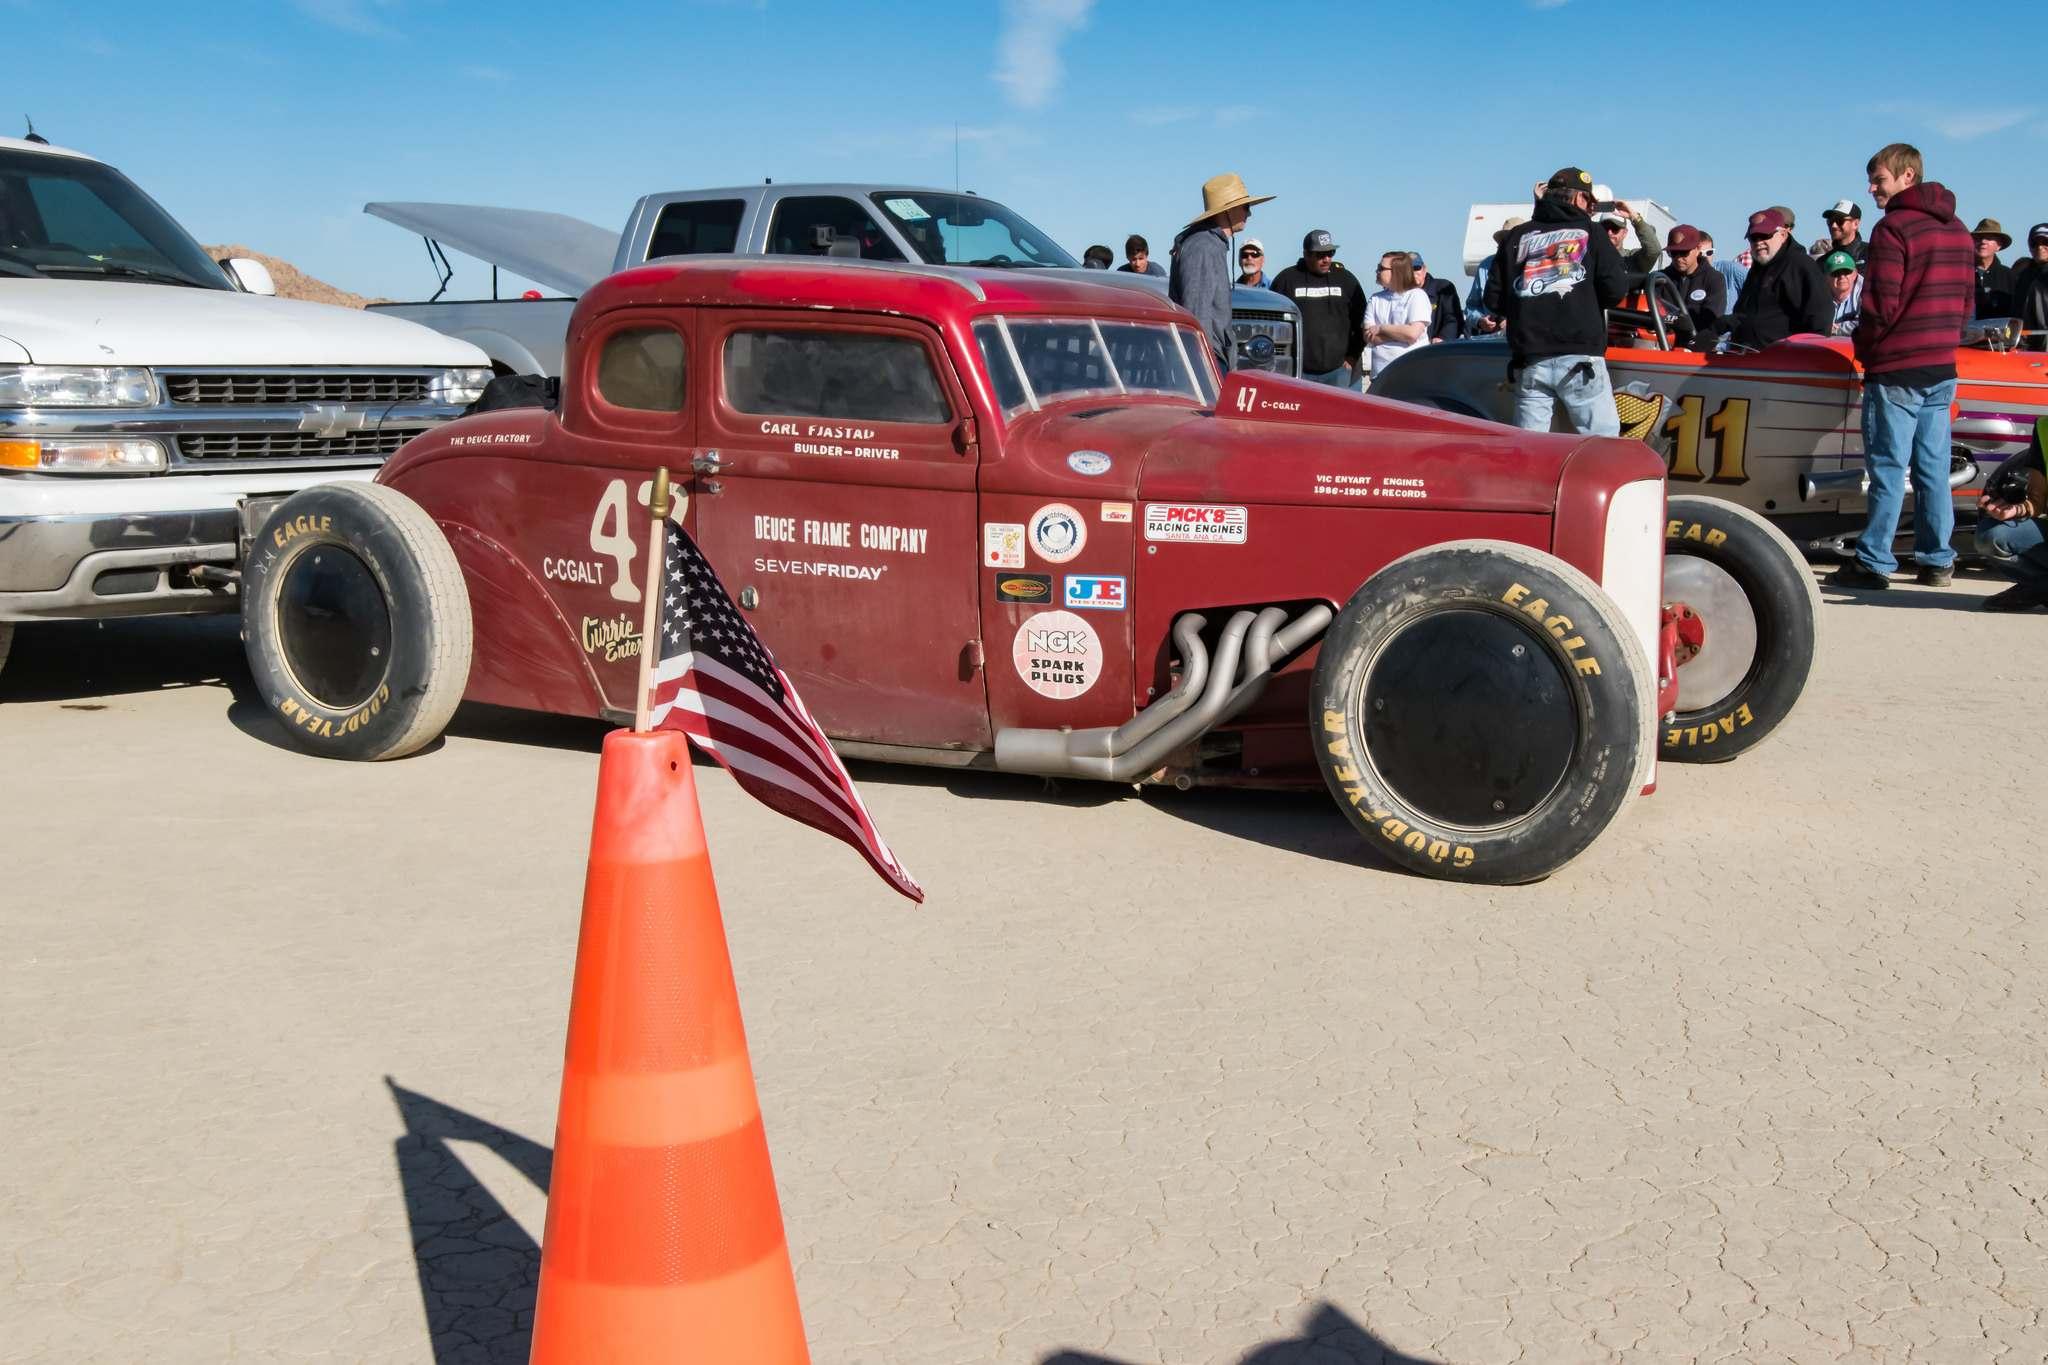 land speed racing12 Speed Racing at El Mirage Dry Lake